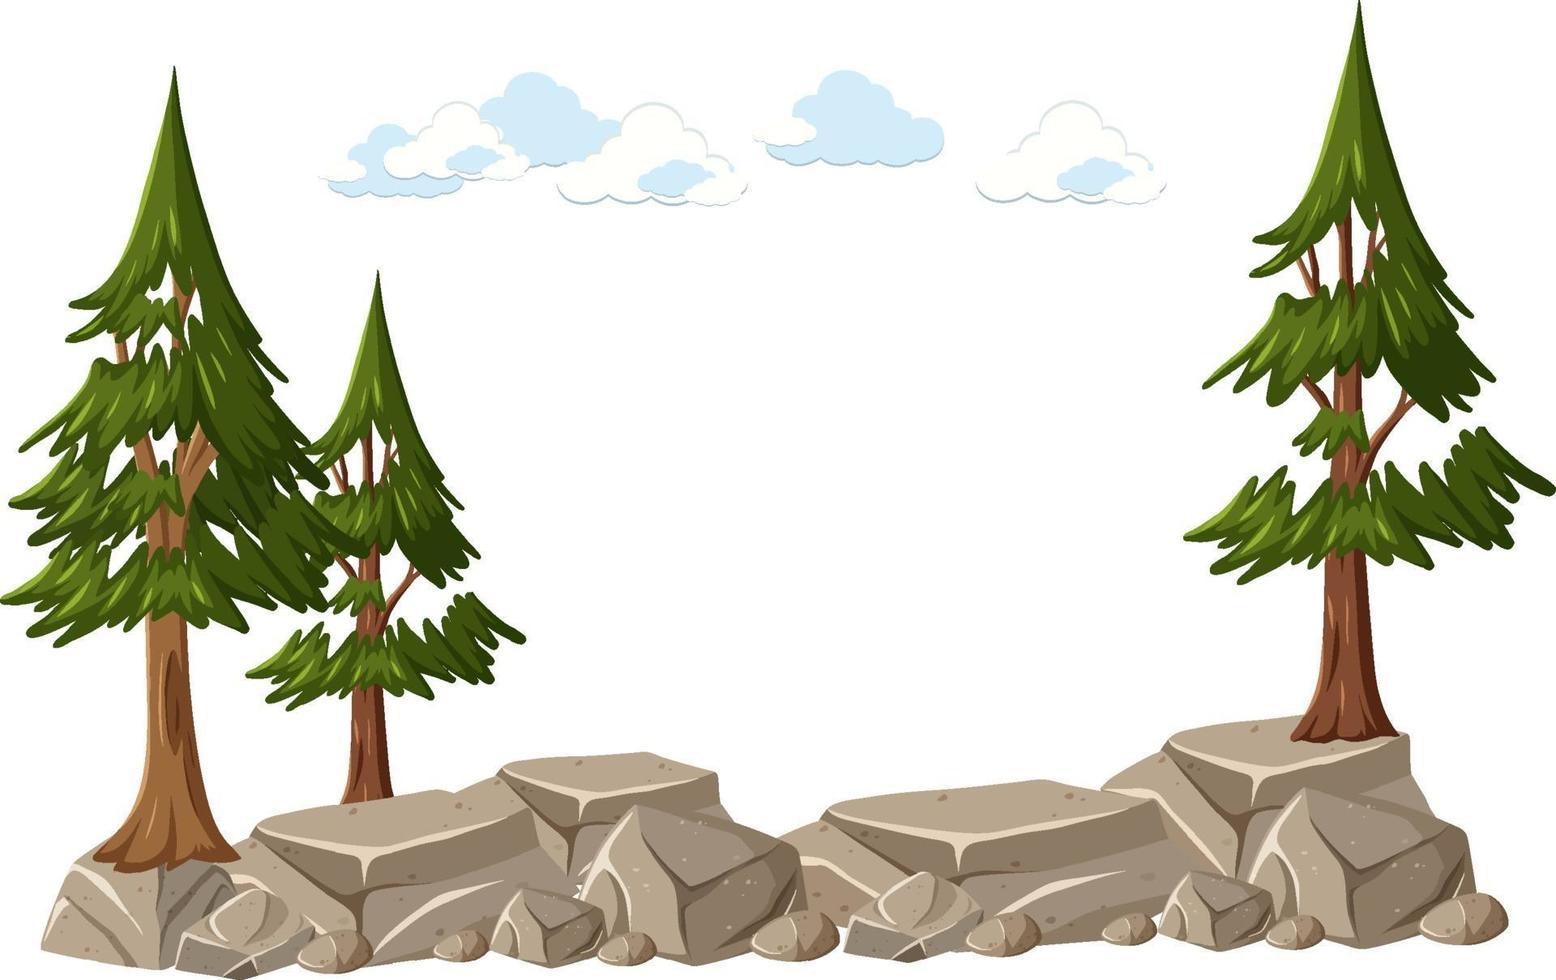 isolierter Baum auf weißem Hintergrund vektor